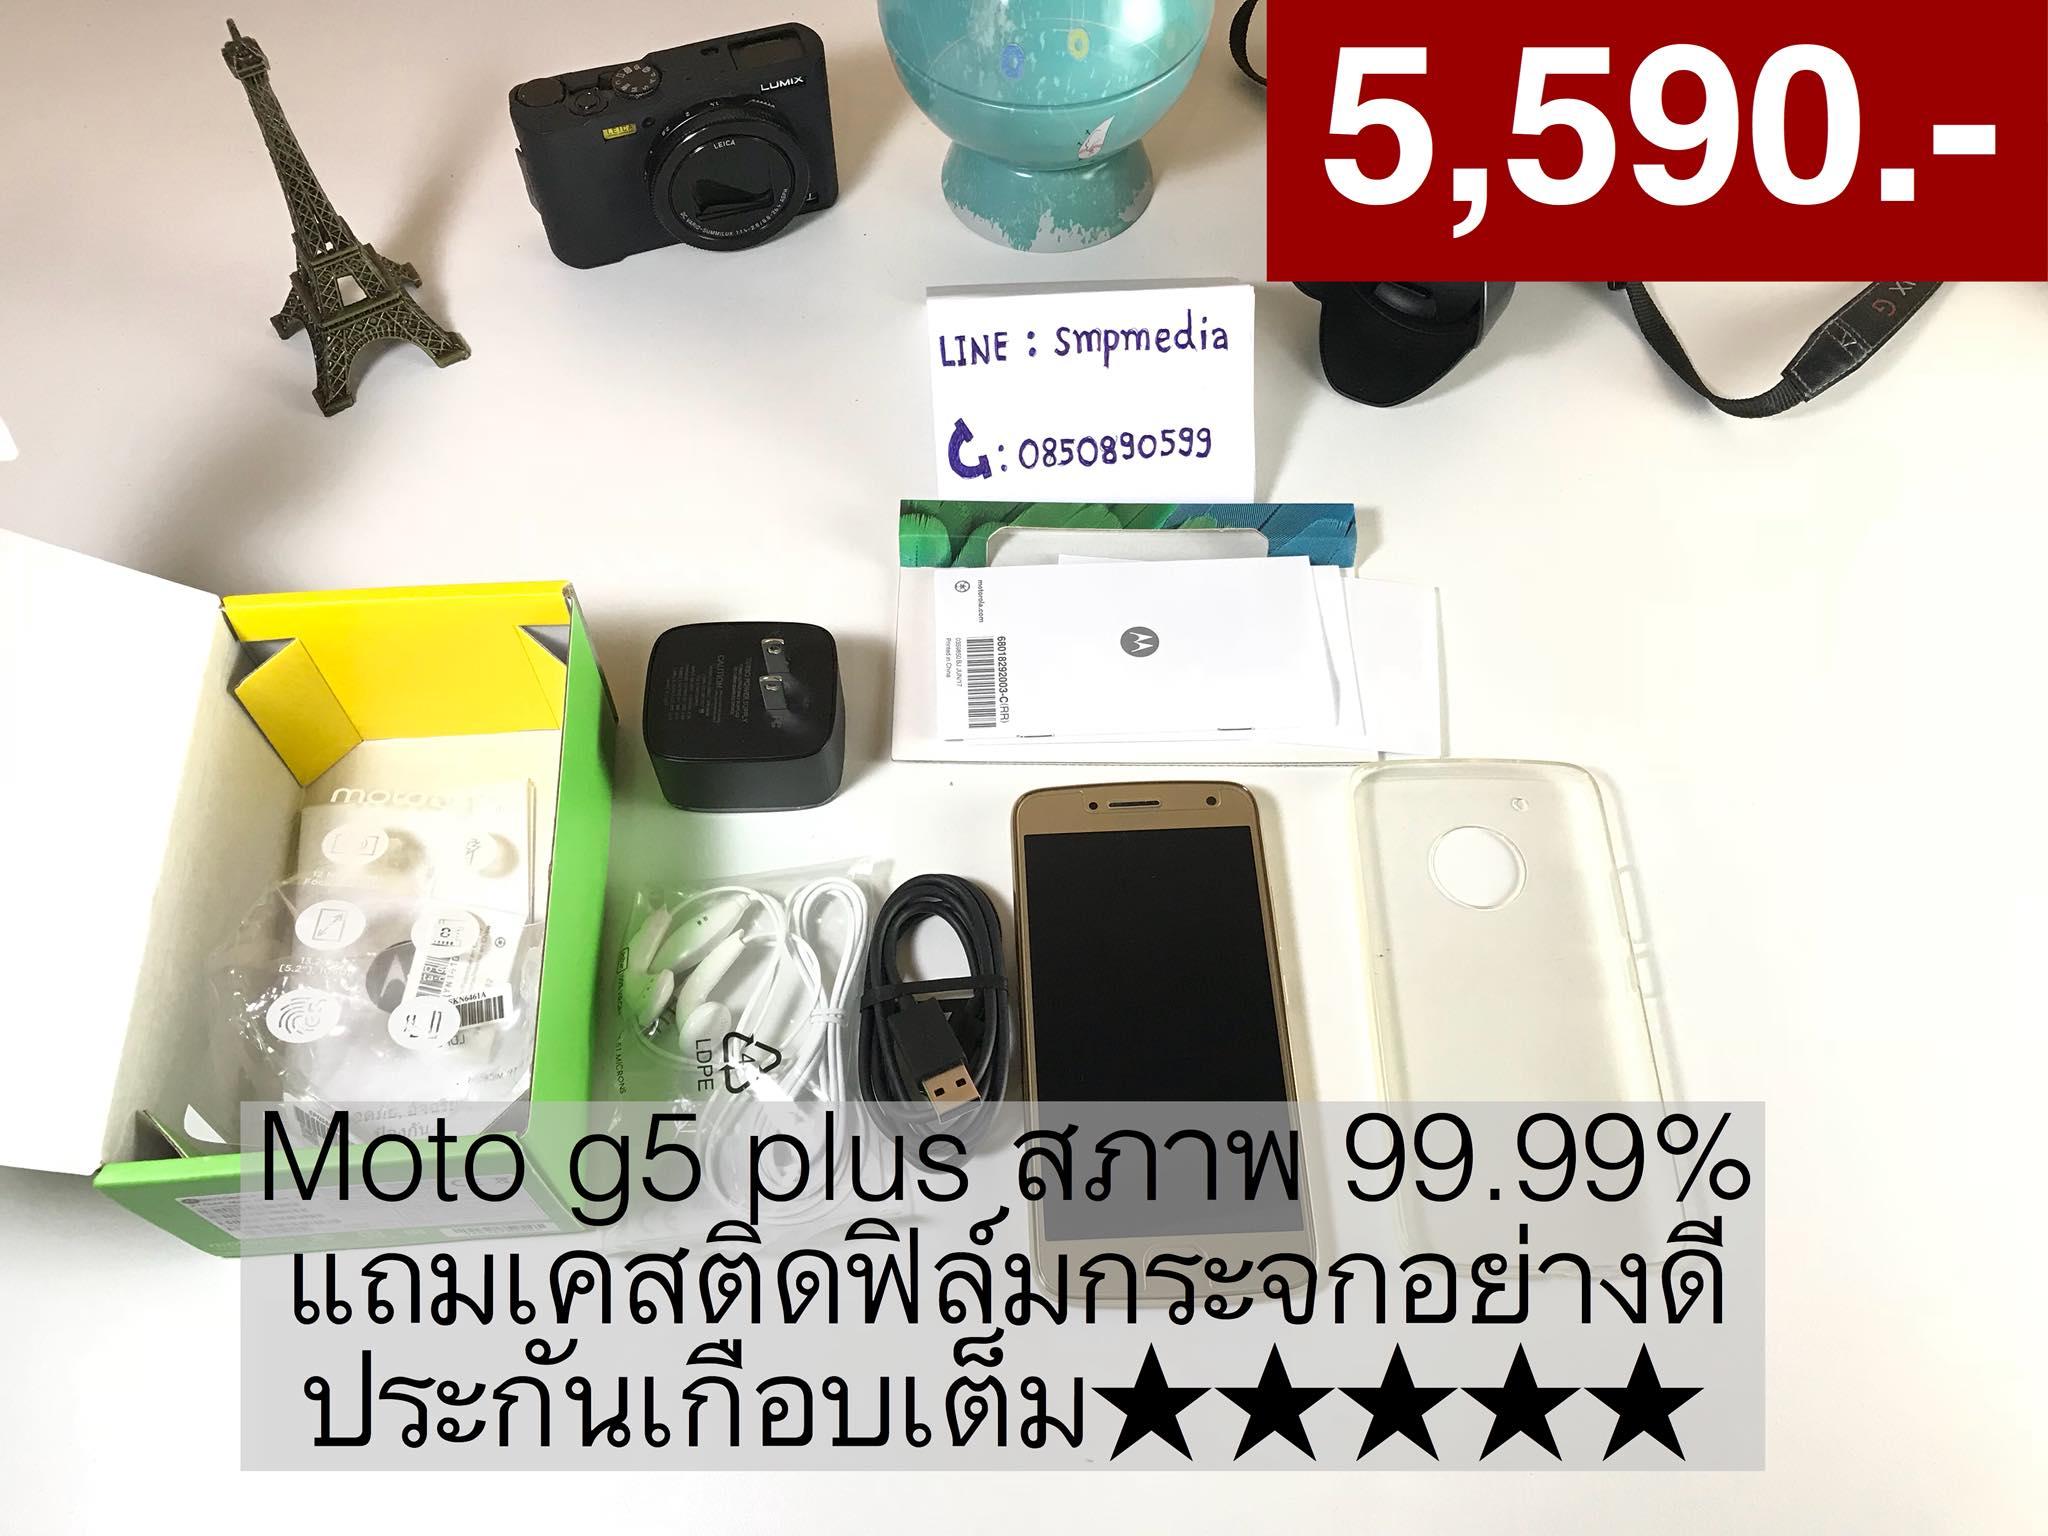 Moto G5 Plus สภาพเทพประกันเกือบเต็มติดฟิล์มกระจกเรียบร้อย